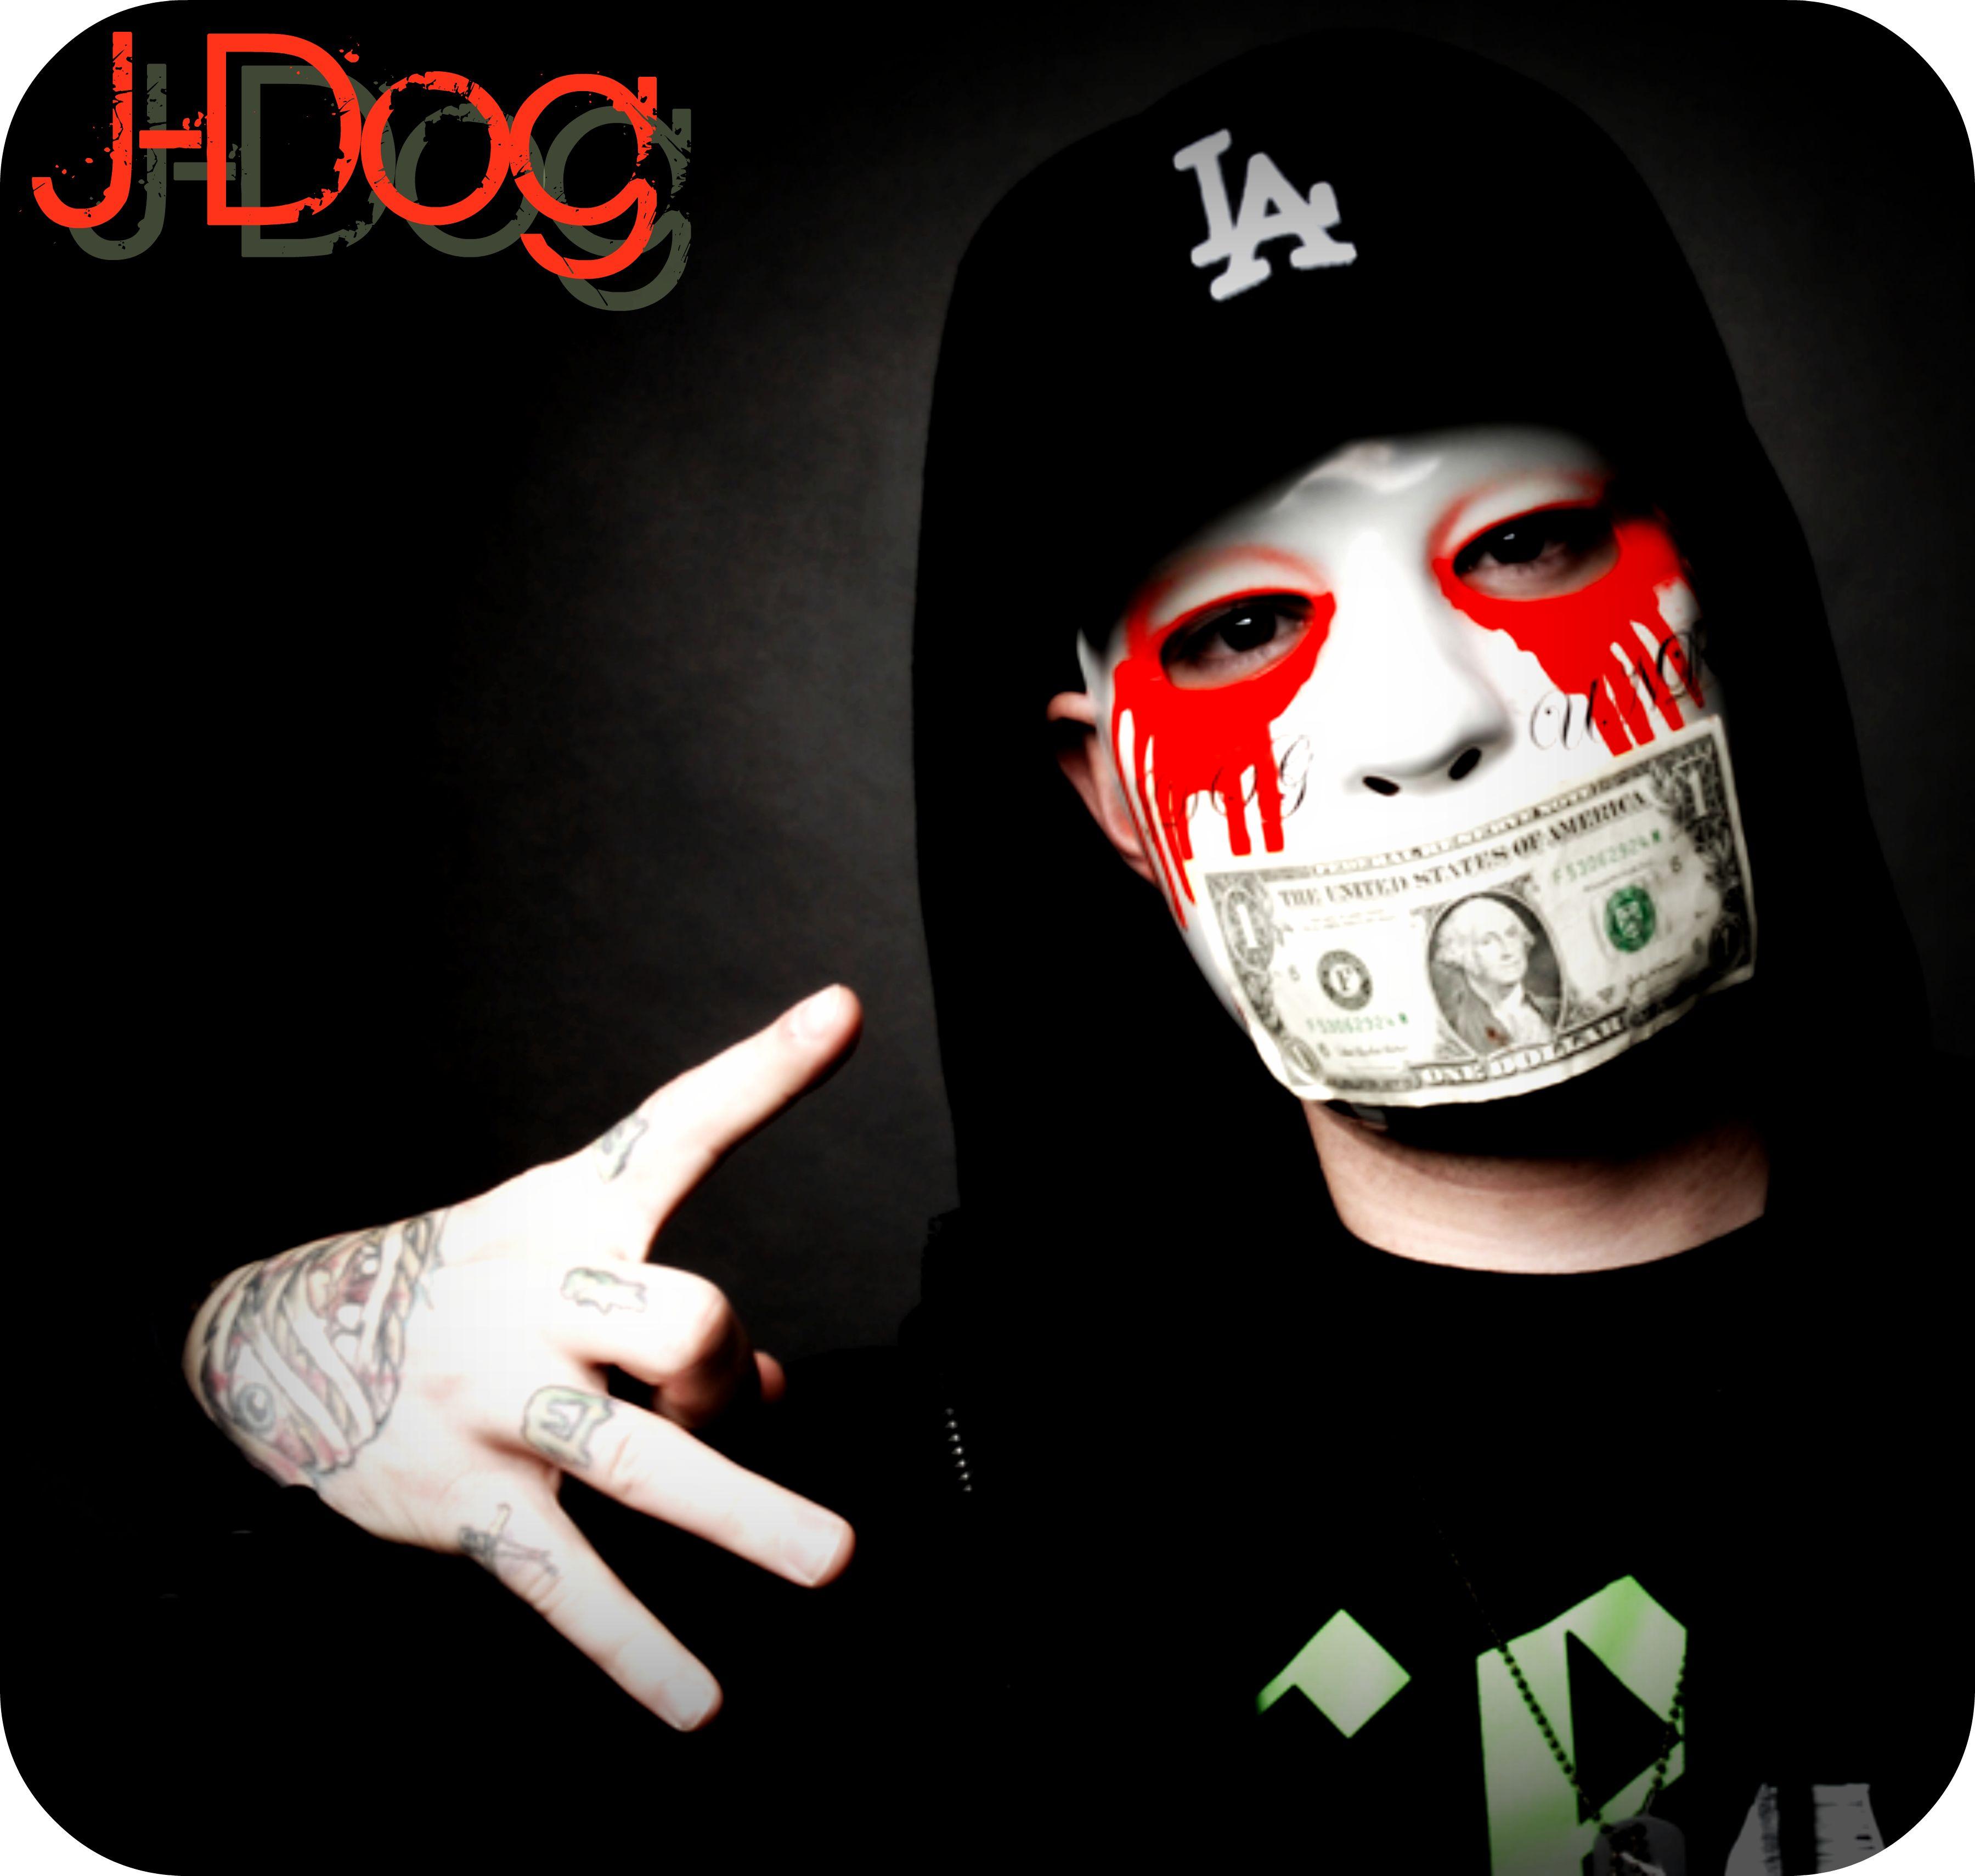 J Dog Hollywood Undead Unmasked